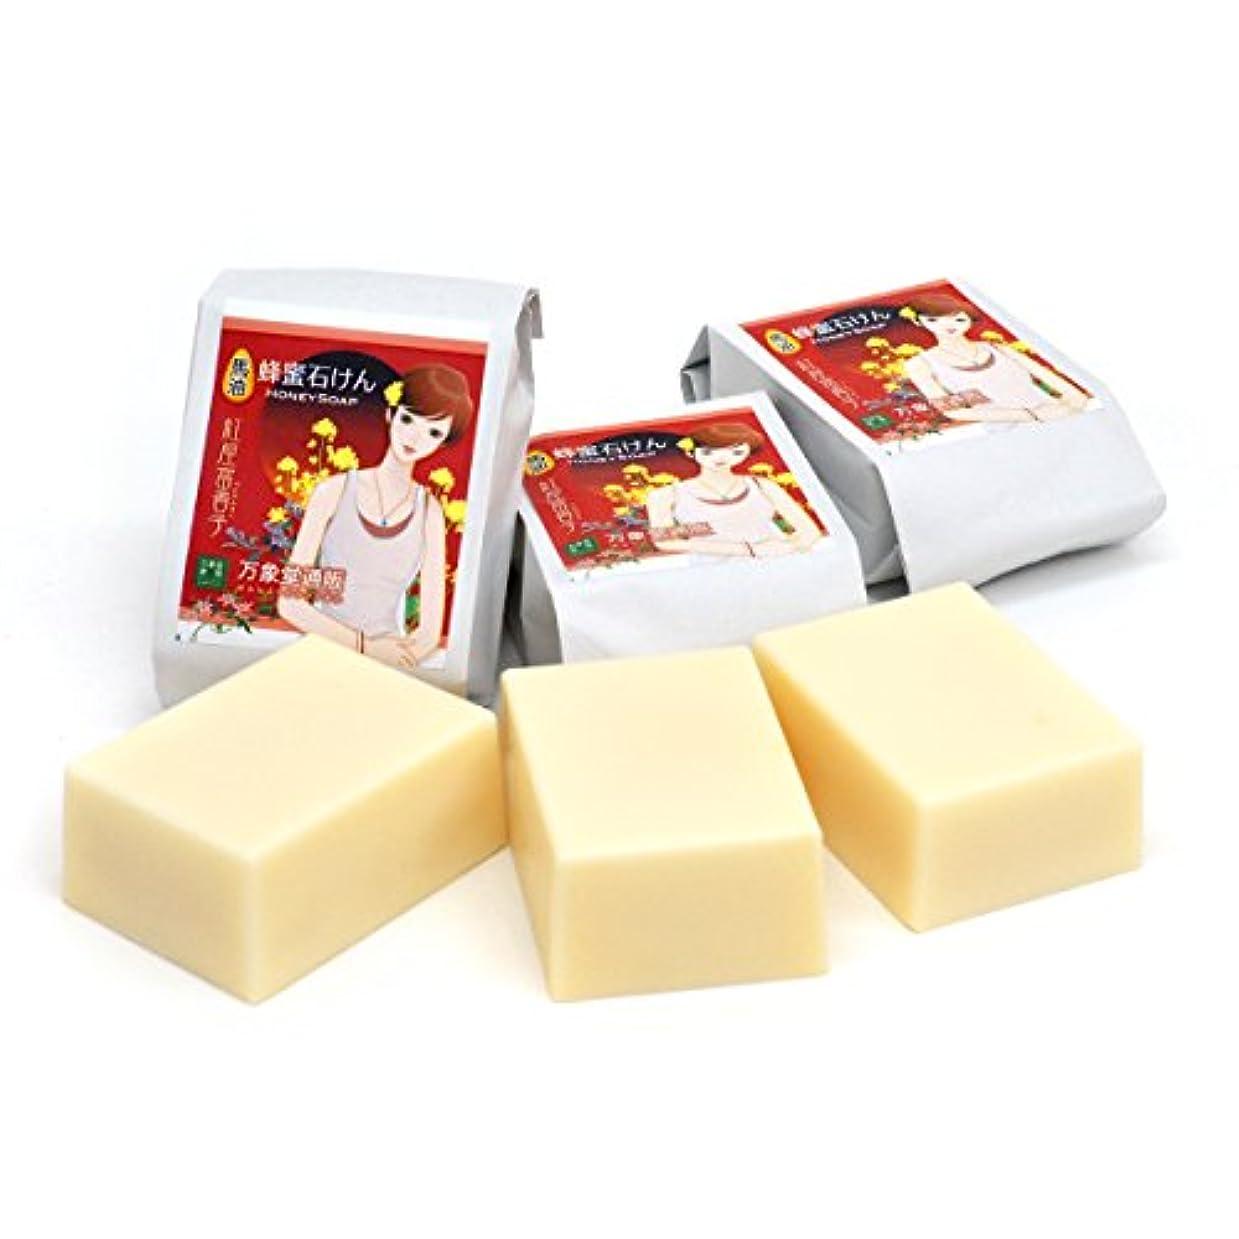 戦術石膏染色森羅万象堂 馬油石鹸 90g×3個 (国産)熊本県産 国産蜂蜜配合